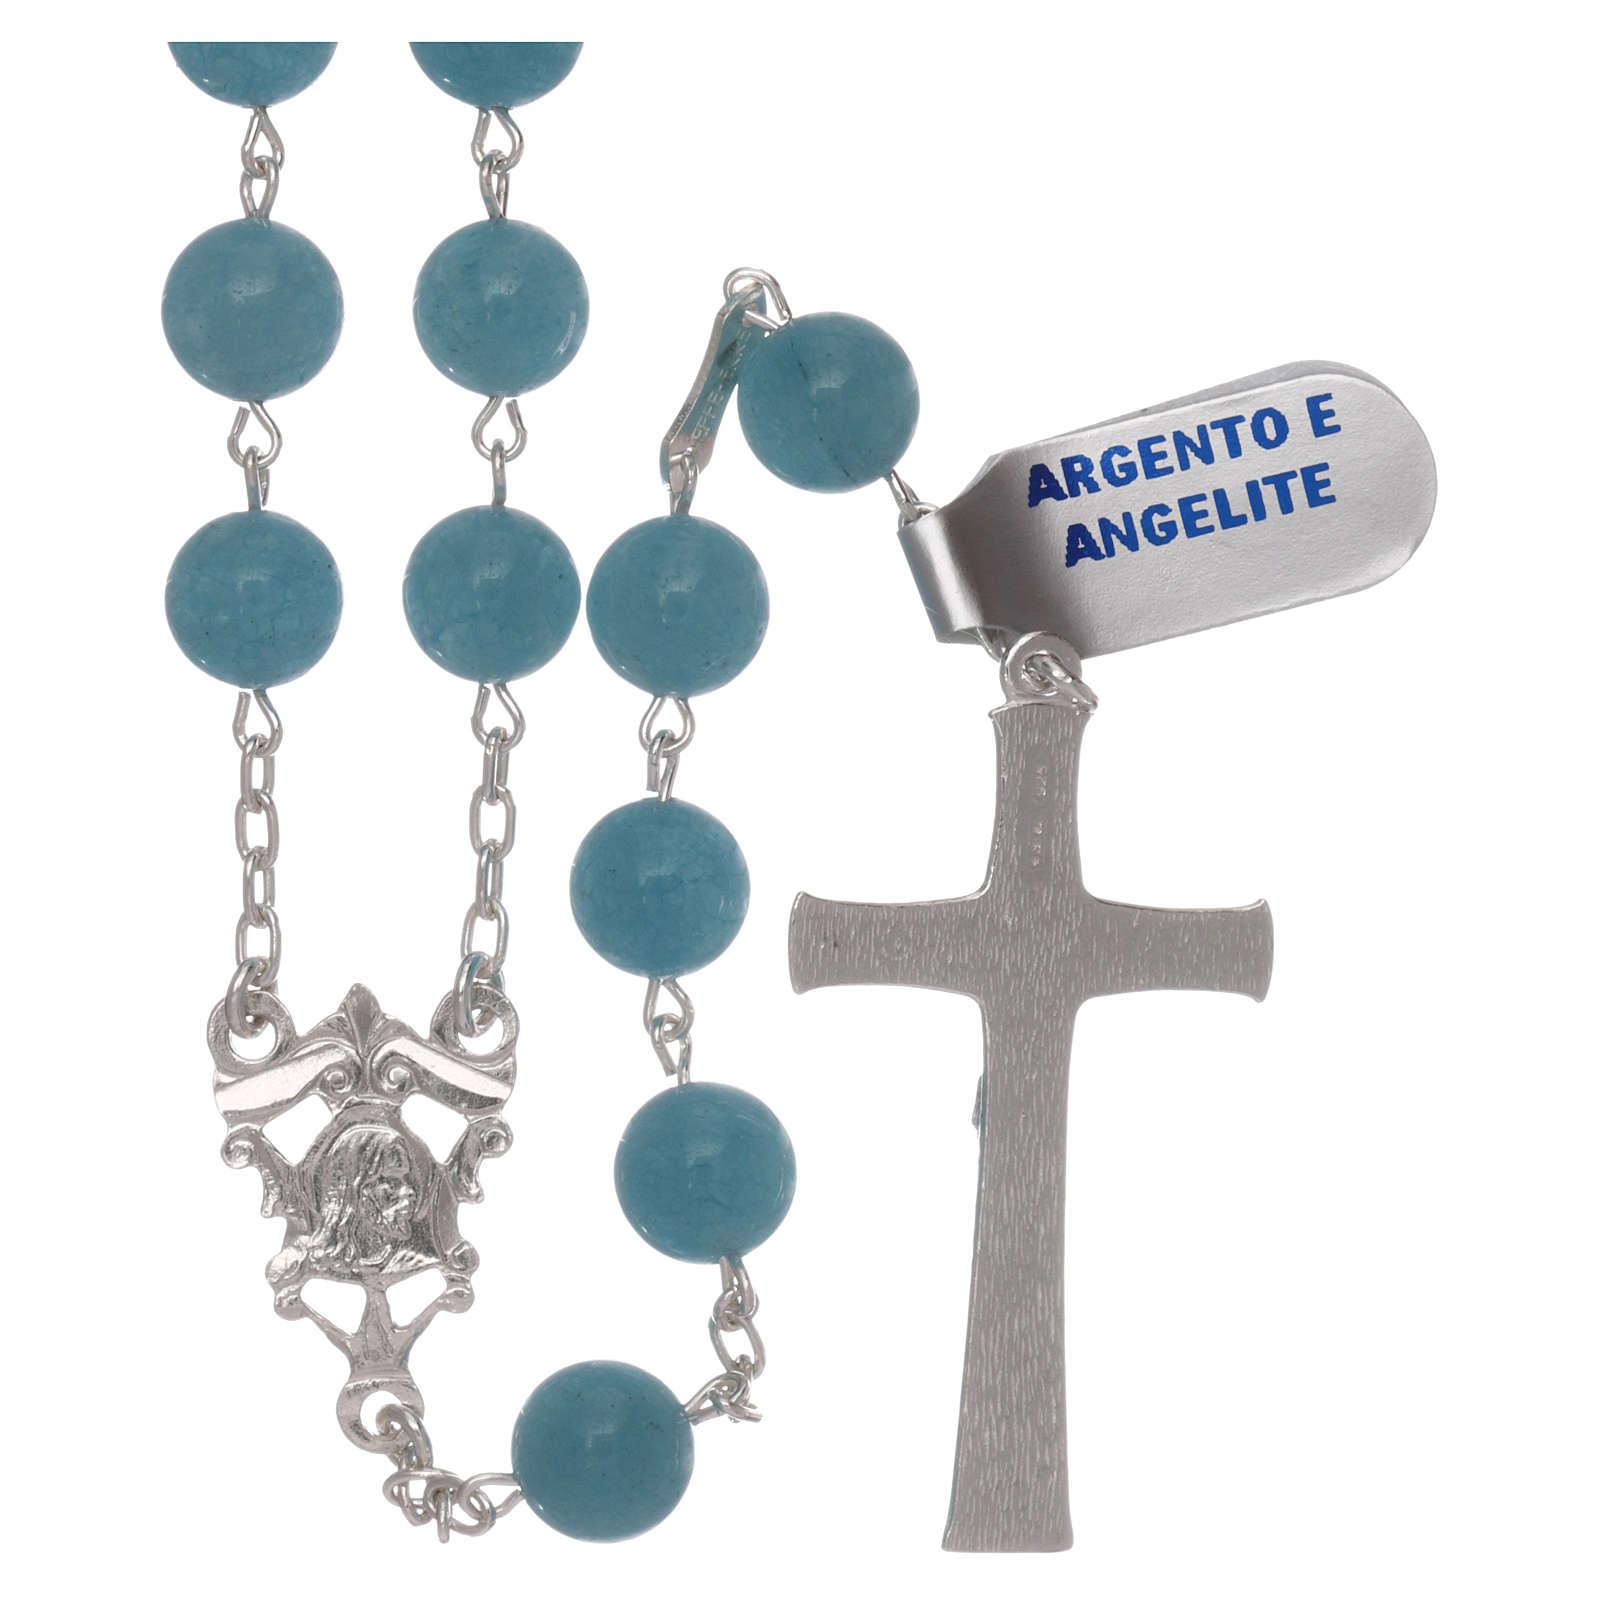 Chapelet angélite et argent 925 4